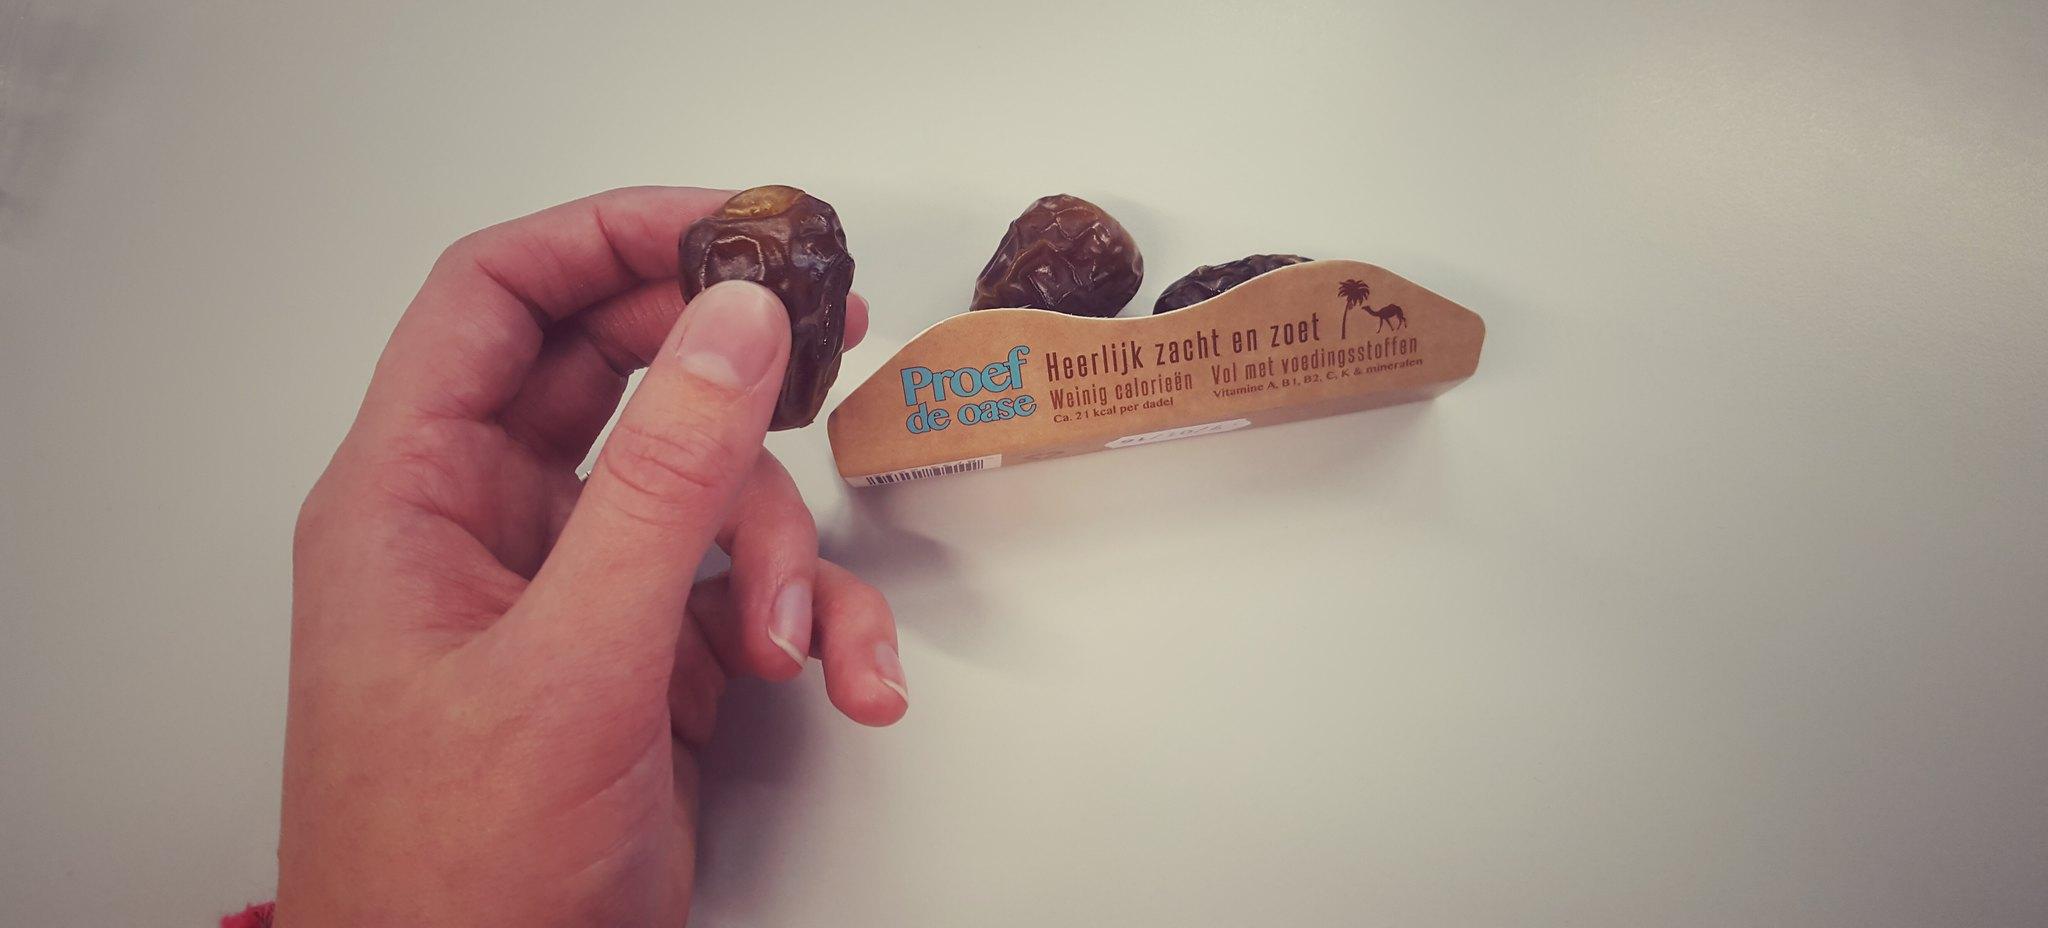 Yogi & Yousef dadels - een heerlijk gezonde snack